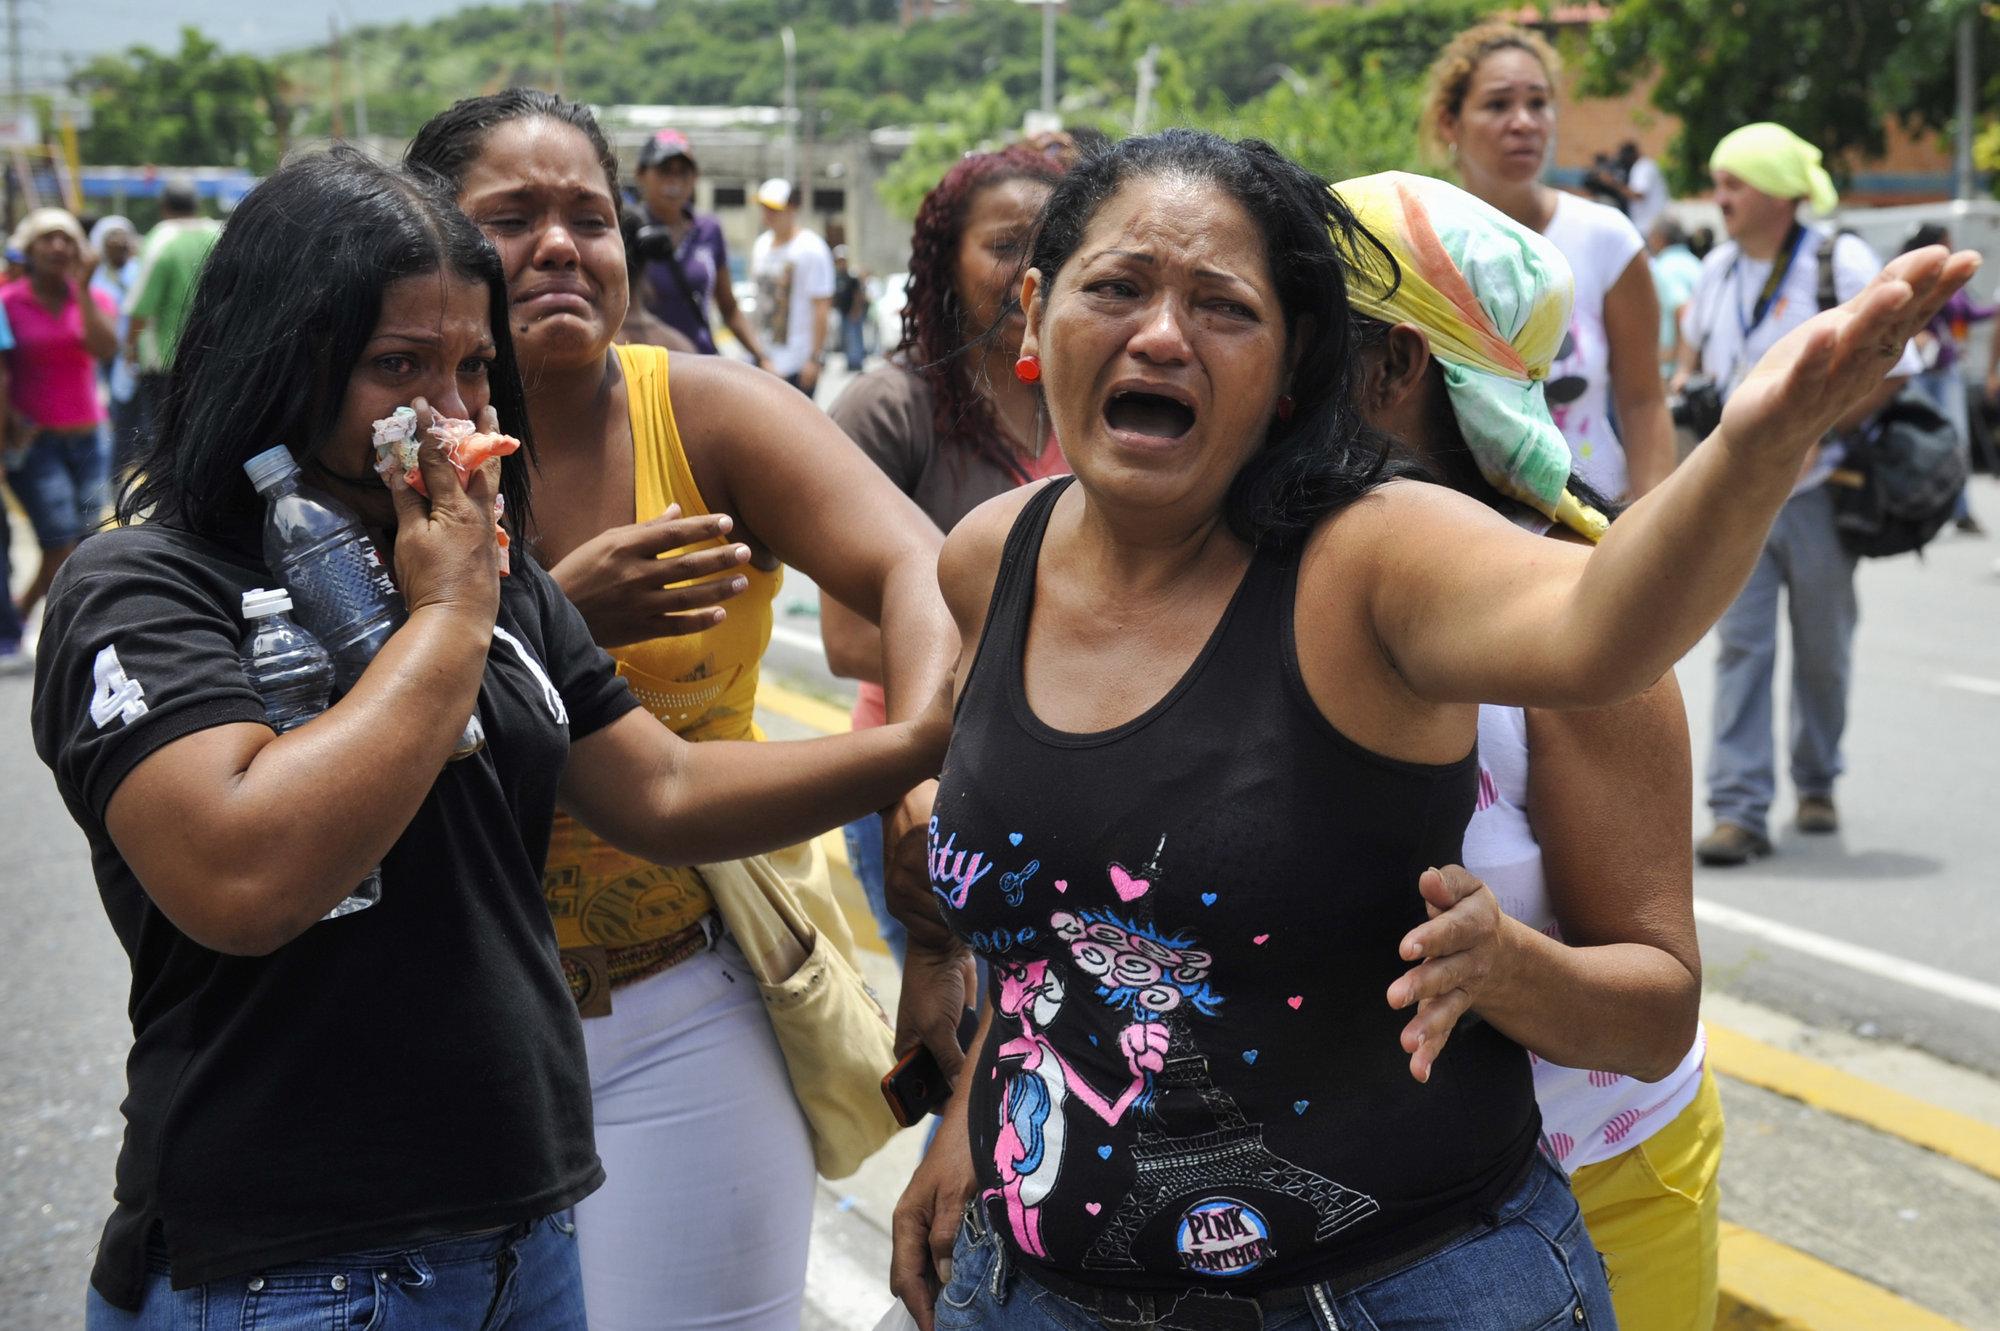 En las peligrosas cárceles de Venezuela muere cada día de media un preso